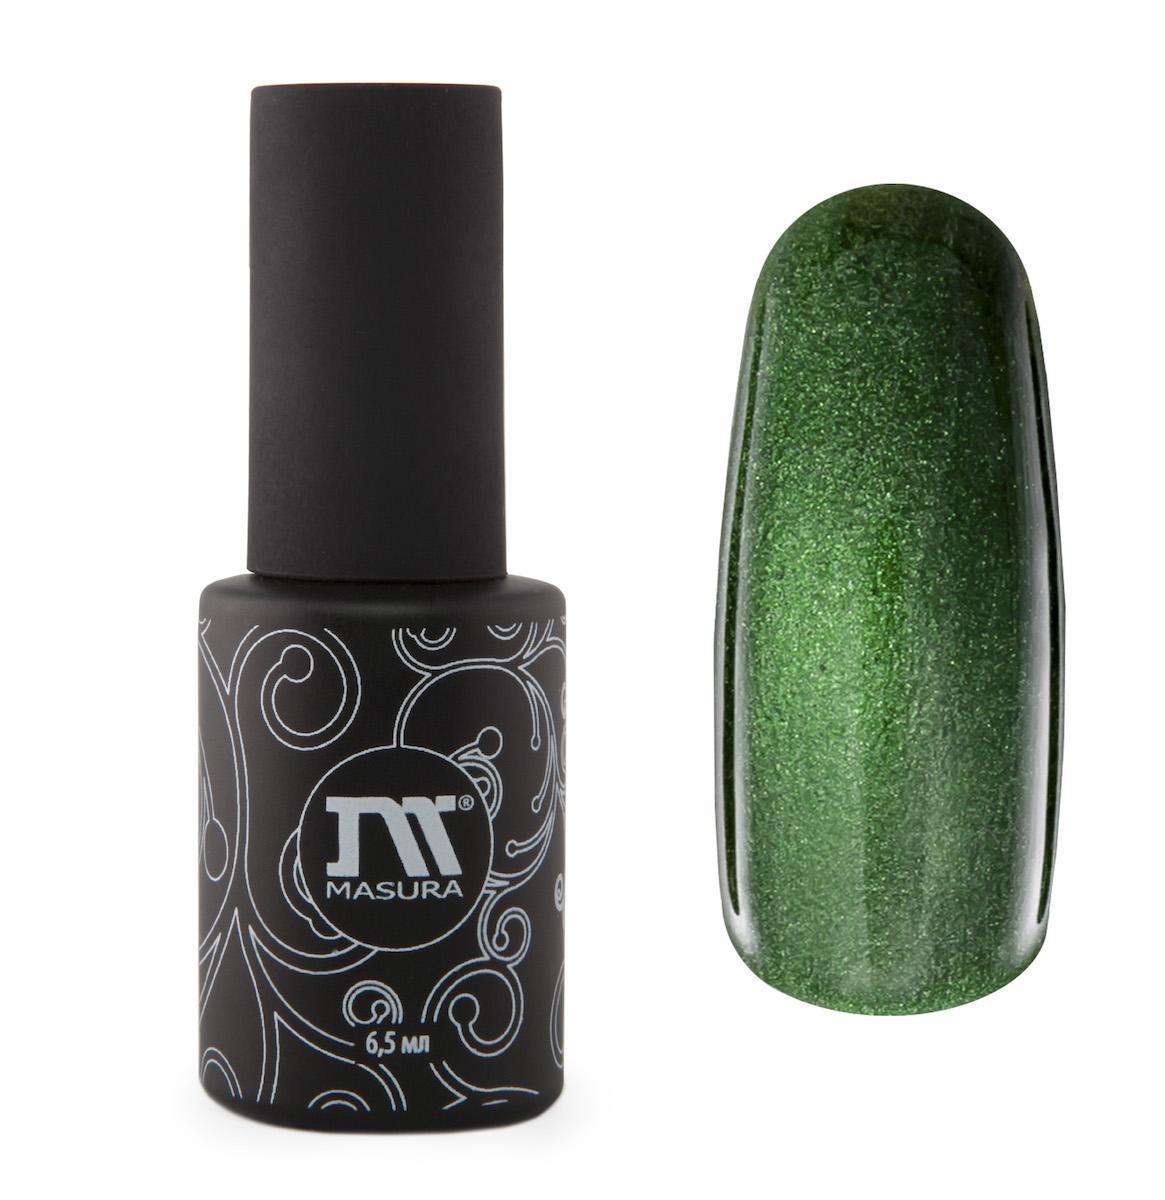 Masura Гель-лак Фаберже, 6,5 мл295-03теплый изумрудно-зеленый, с зеркальным переливом, плотныйКак ухаживать за ногтями: советы эксперта. Статья OZON Гид